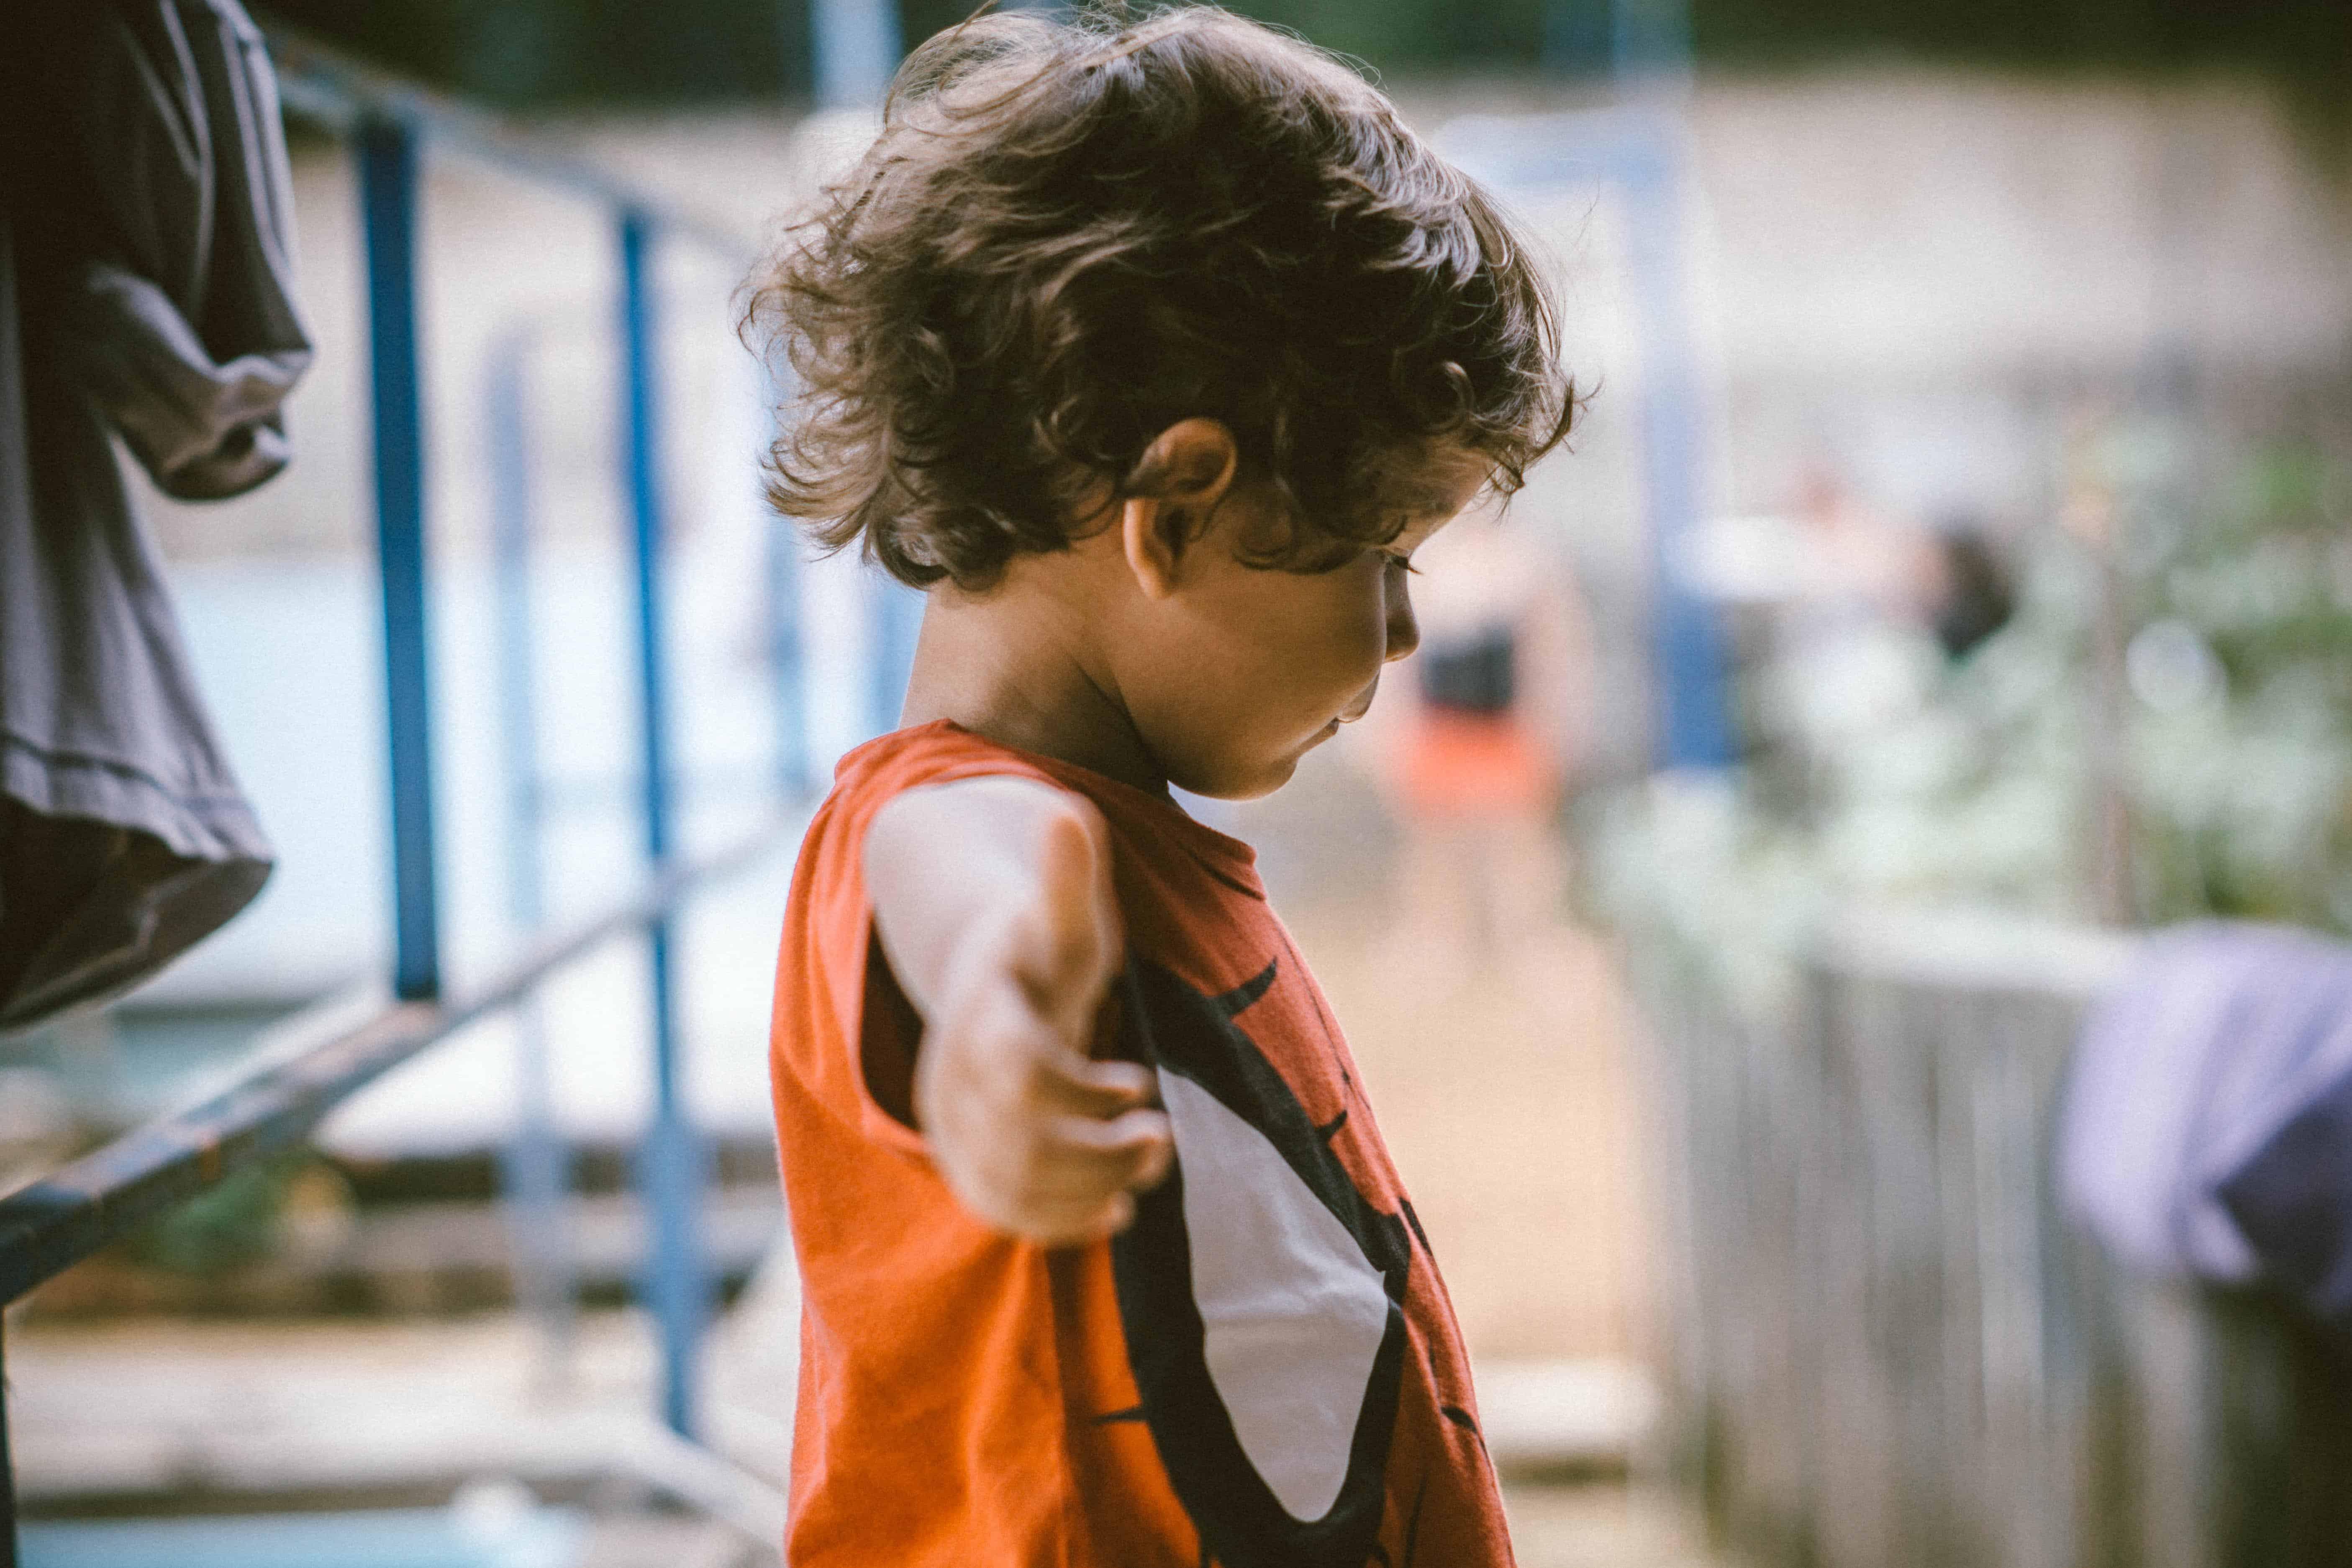 Cómo detectar problemas de atención en los niños